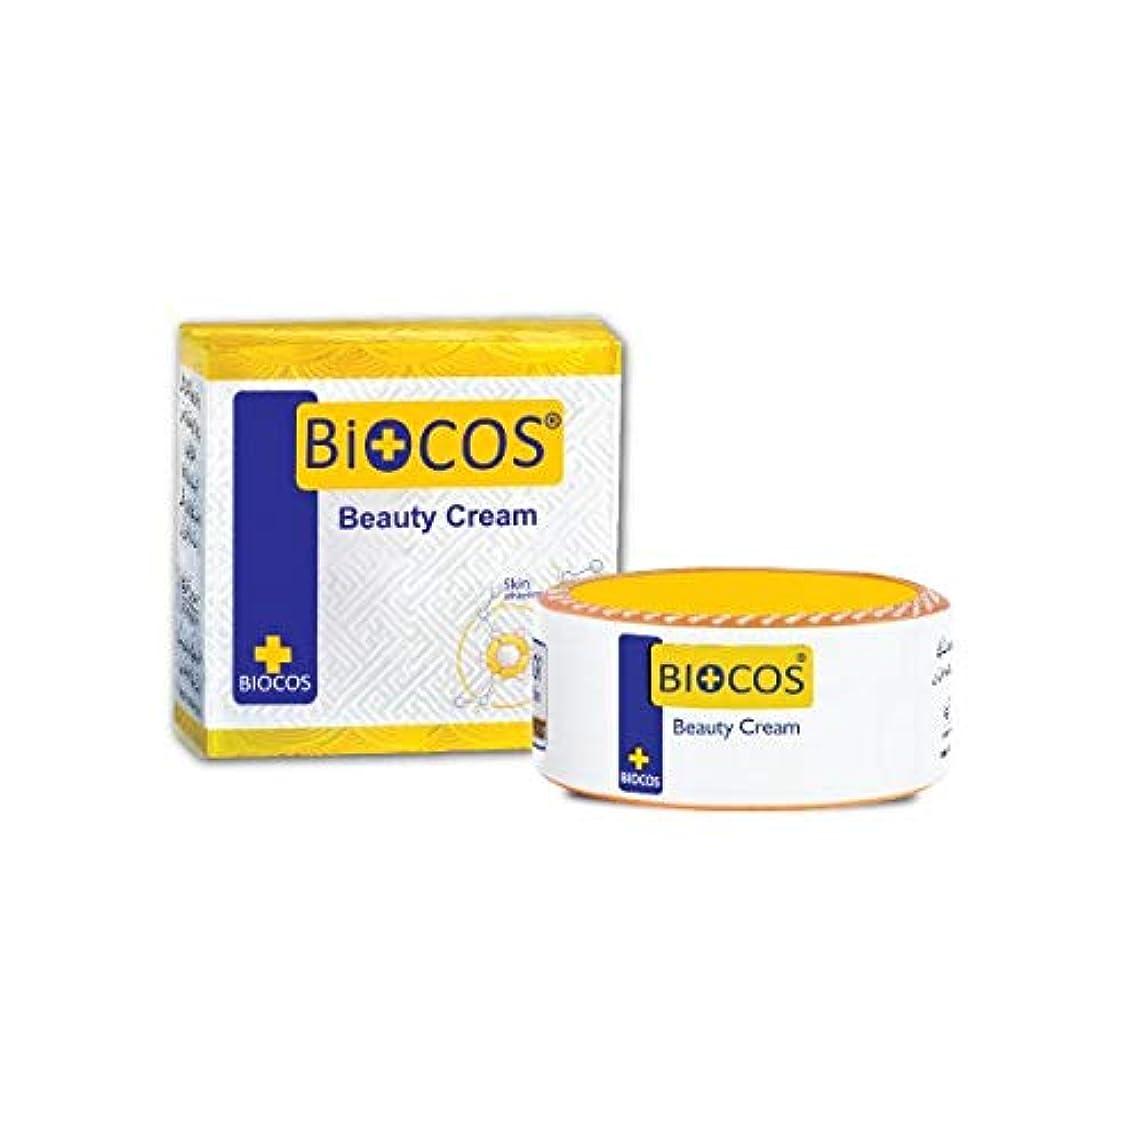 感染する冗長召喚するBiocos Beauty Cream & Emergency Serum Original Import from Pakistan